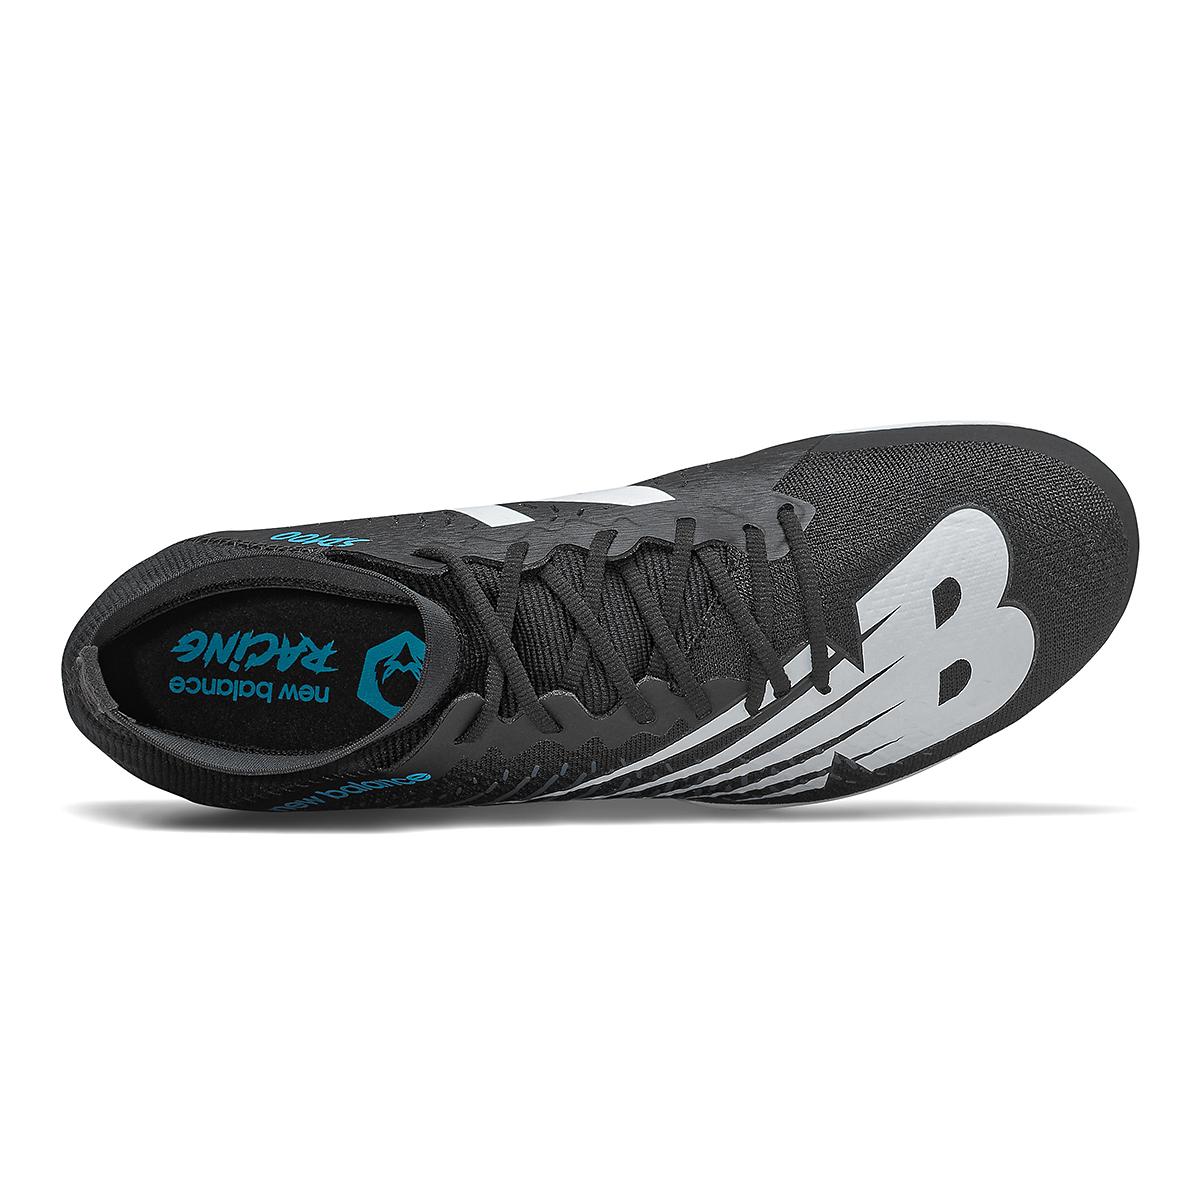 Men's New Balance SD100v3 Track Spikes - Color: Black/White - Size: 4.5 - Width: Regular, Black/White, large, image 3